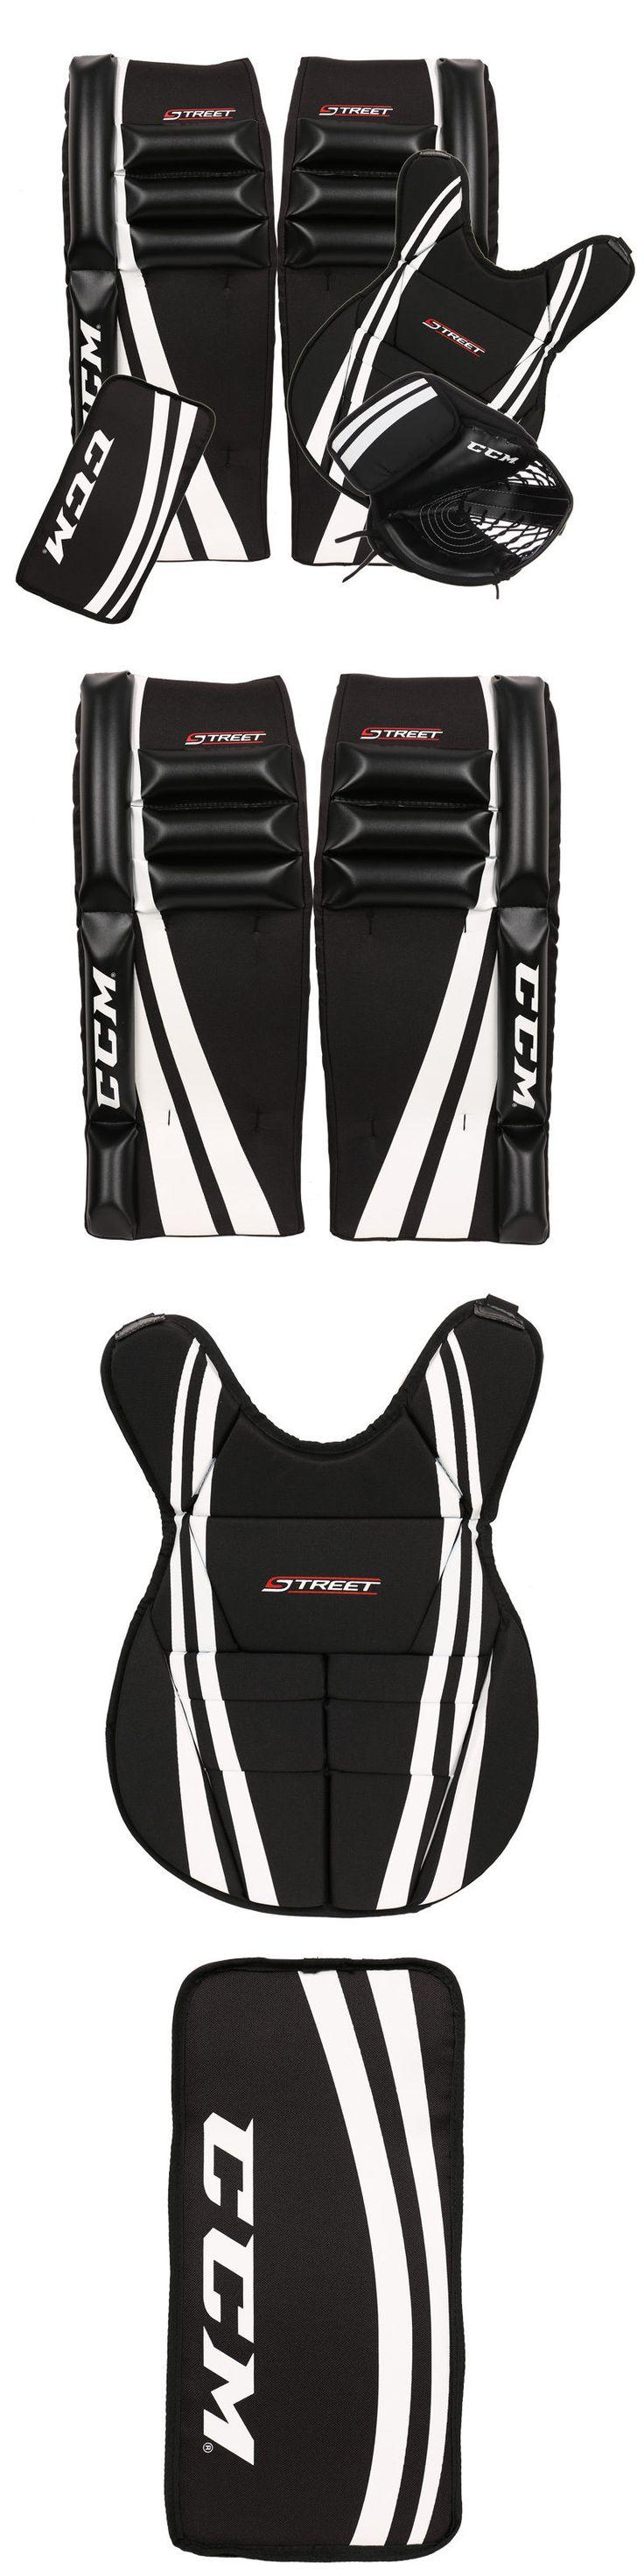 Other Hockey Goalie Equipment 79765: Ccm Jr. Street Hockey Goalie Kit -> BUY IT NOW ONLY: $139.99 on eBay!